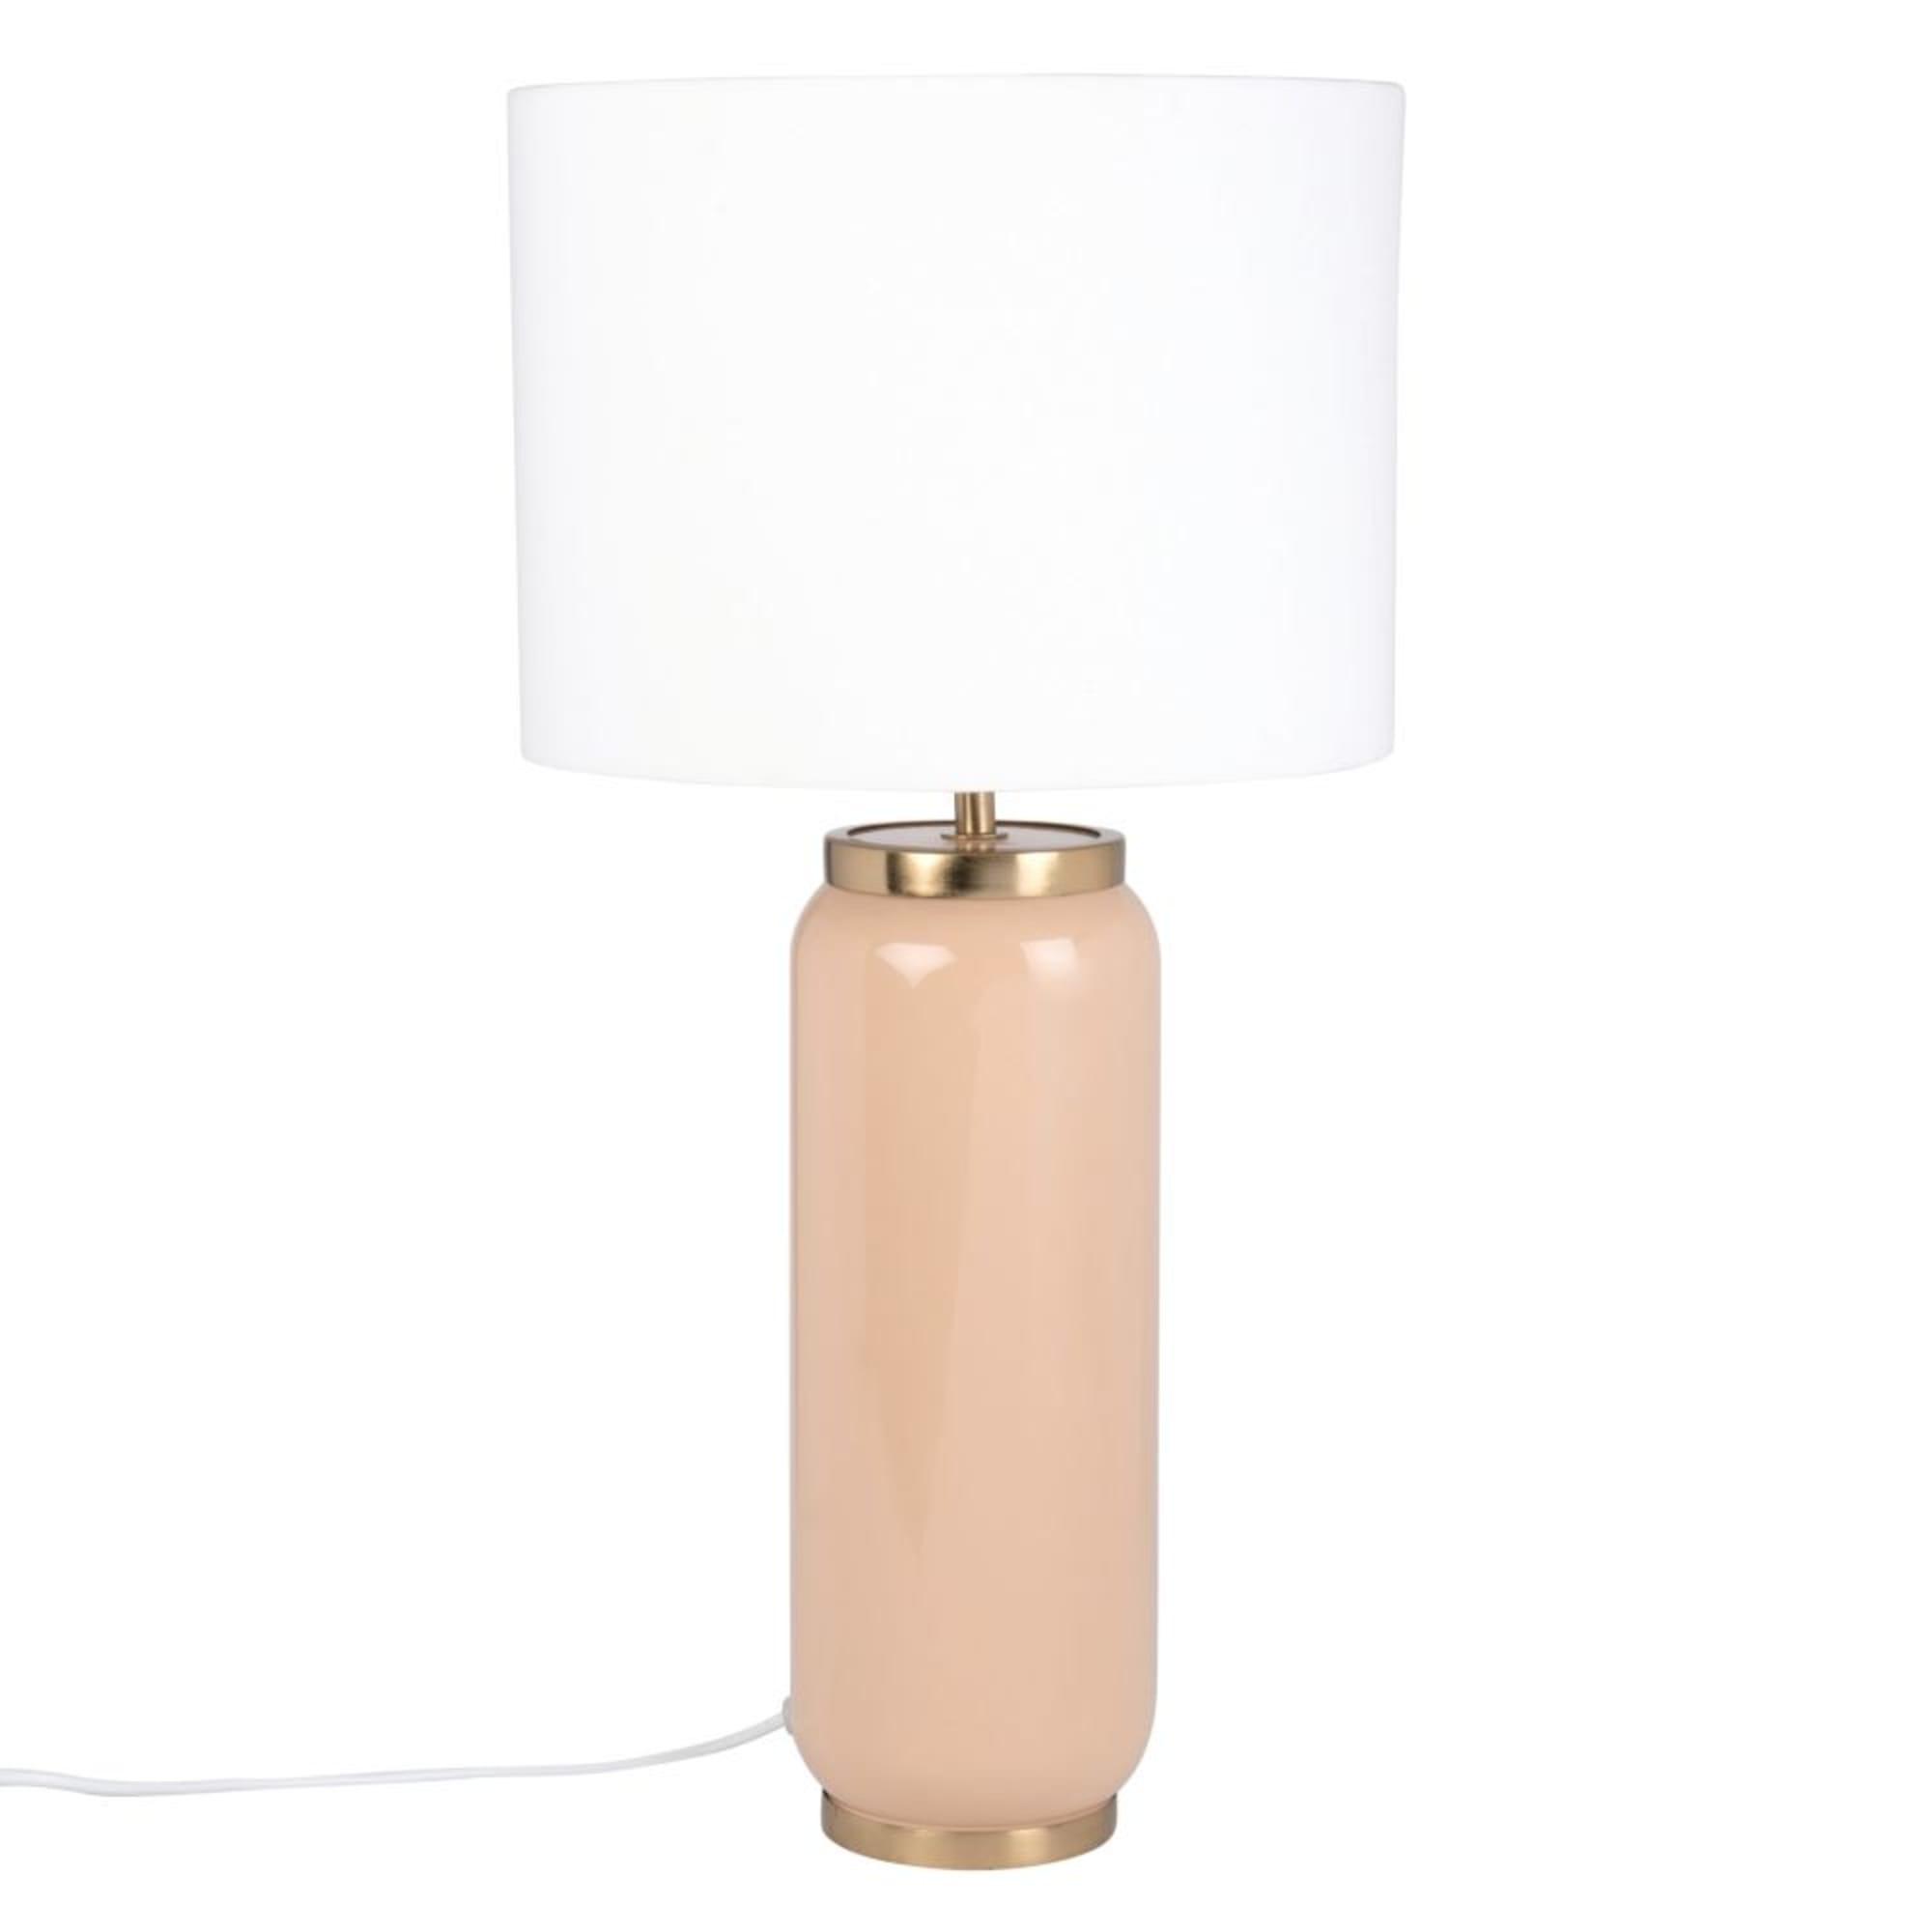 Lámpara de metal beige y dorado con pantalla blanca